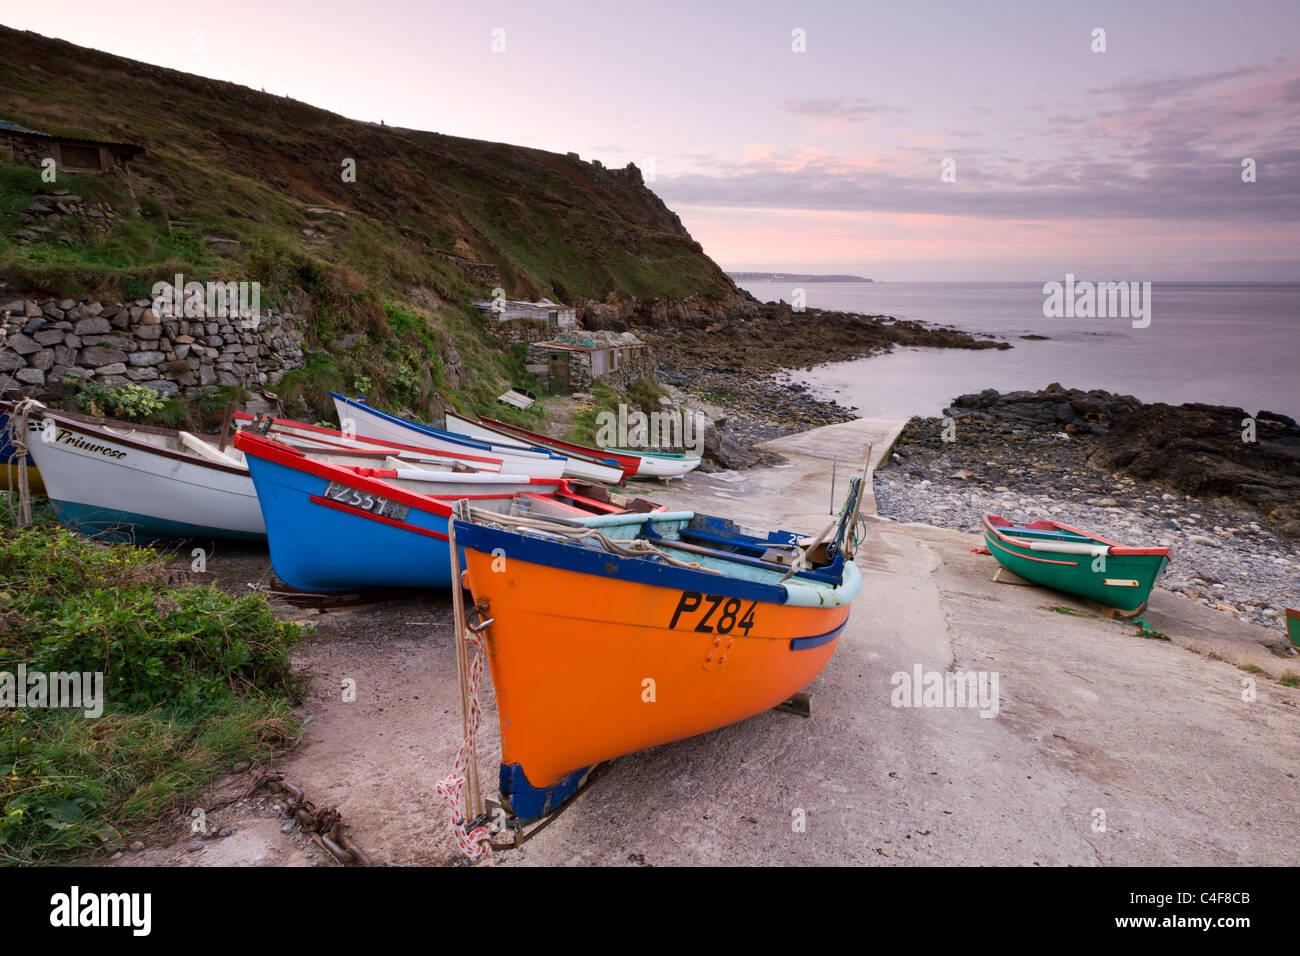 Angelboote/Fischerboote zog hoch oben die Slipanlage des Priesters Cove, Cape Cornwall in der Nähe von St Just, Stockbild